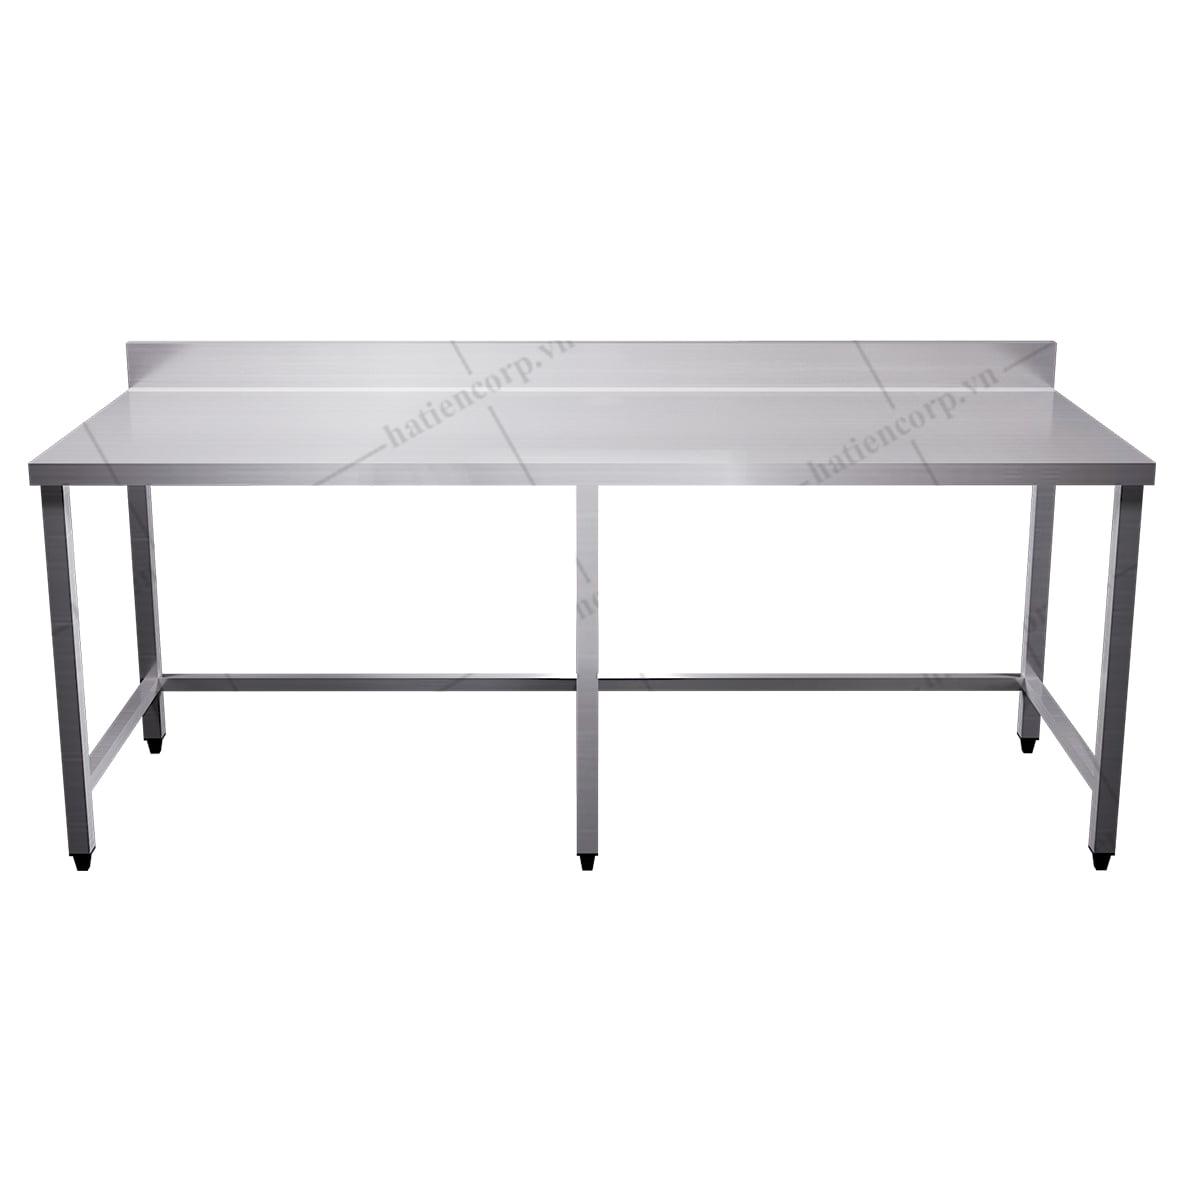 Bàn inox công nghiệp, bàn inox 304 dài 1m8